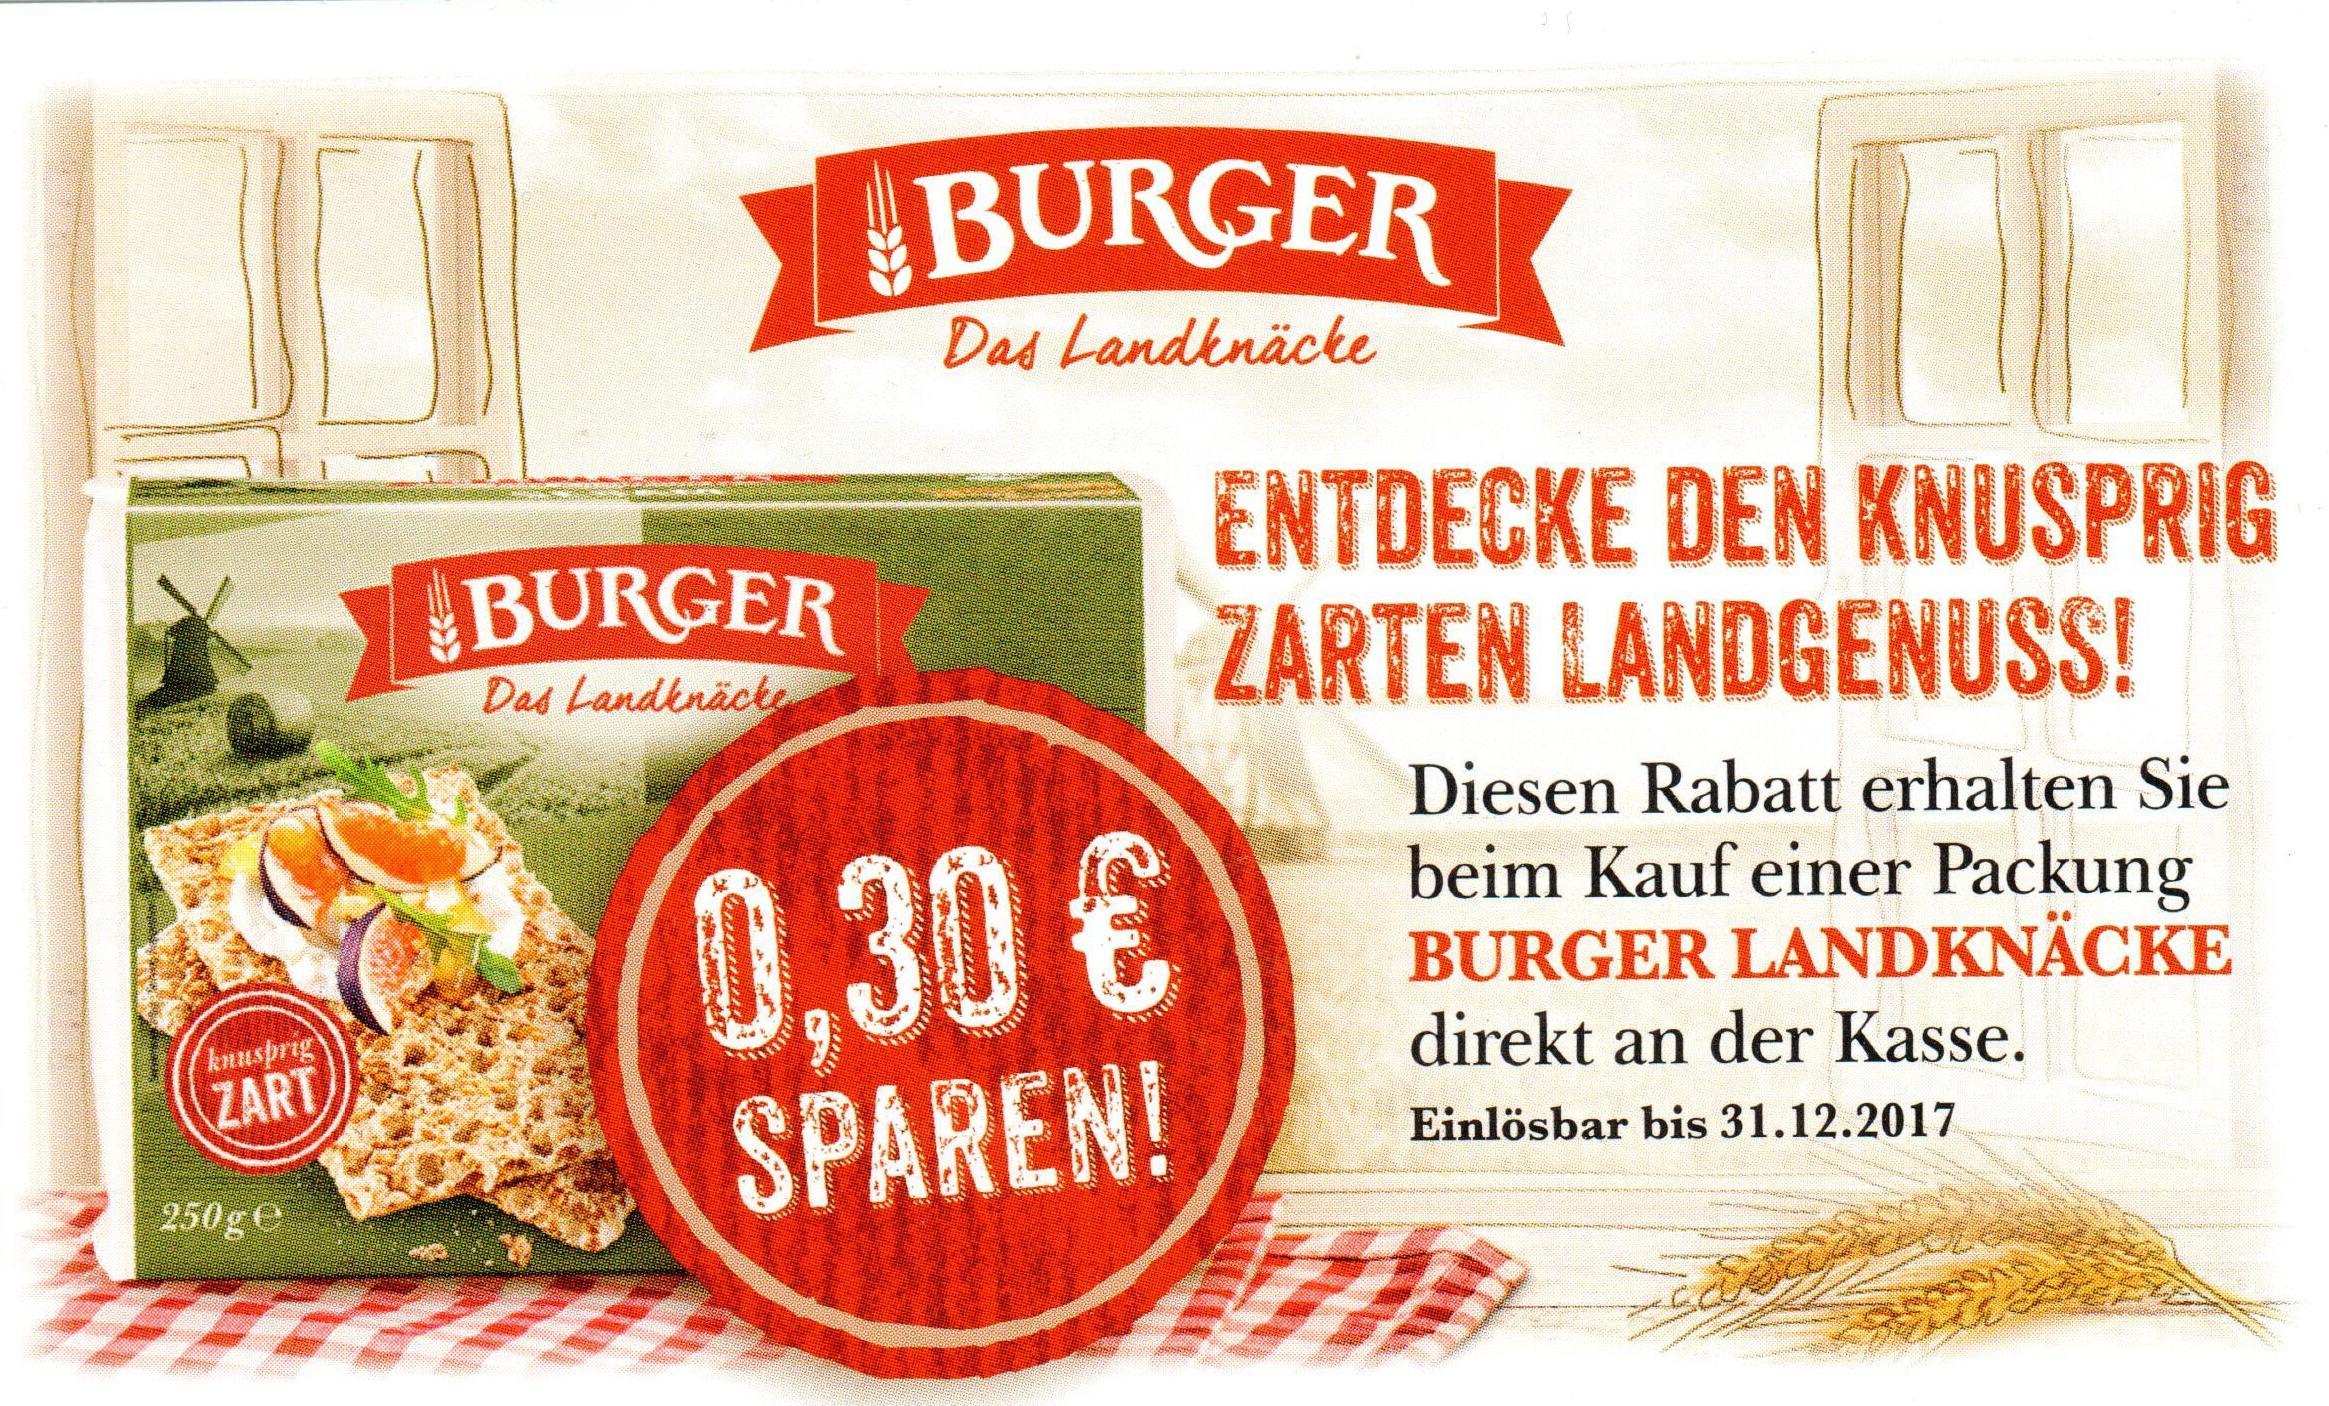 """0,30€ Sofort-Rabatt-Coupon für Burger """"Das Landknäcke"""" bis 31.12.2017 [bundesweit]"""